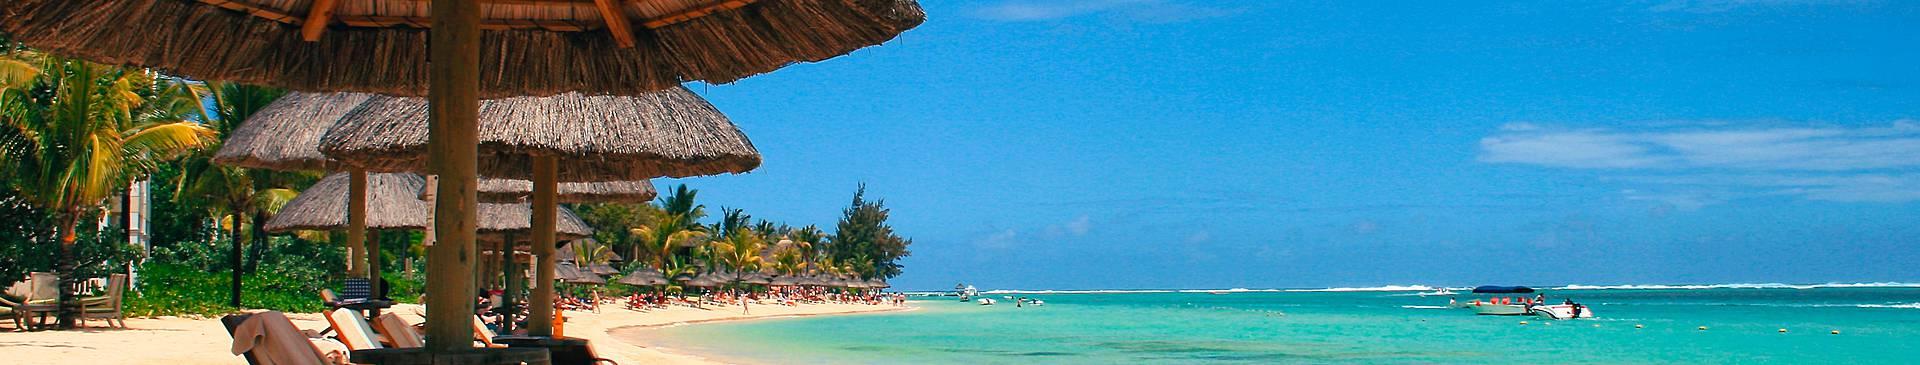 Voyage plage à l'île Maurice